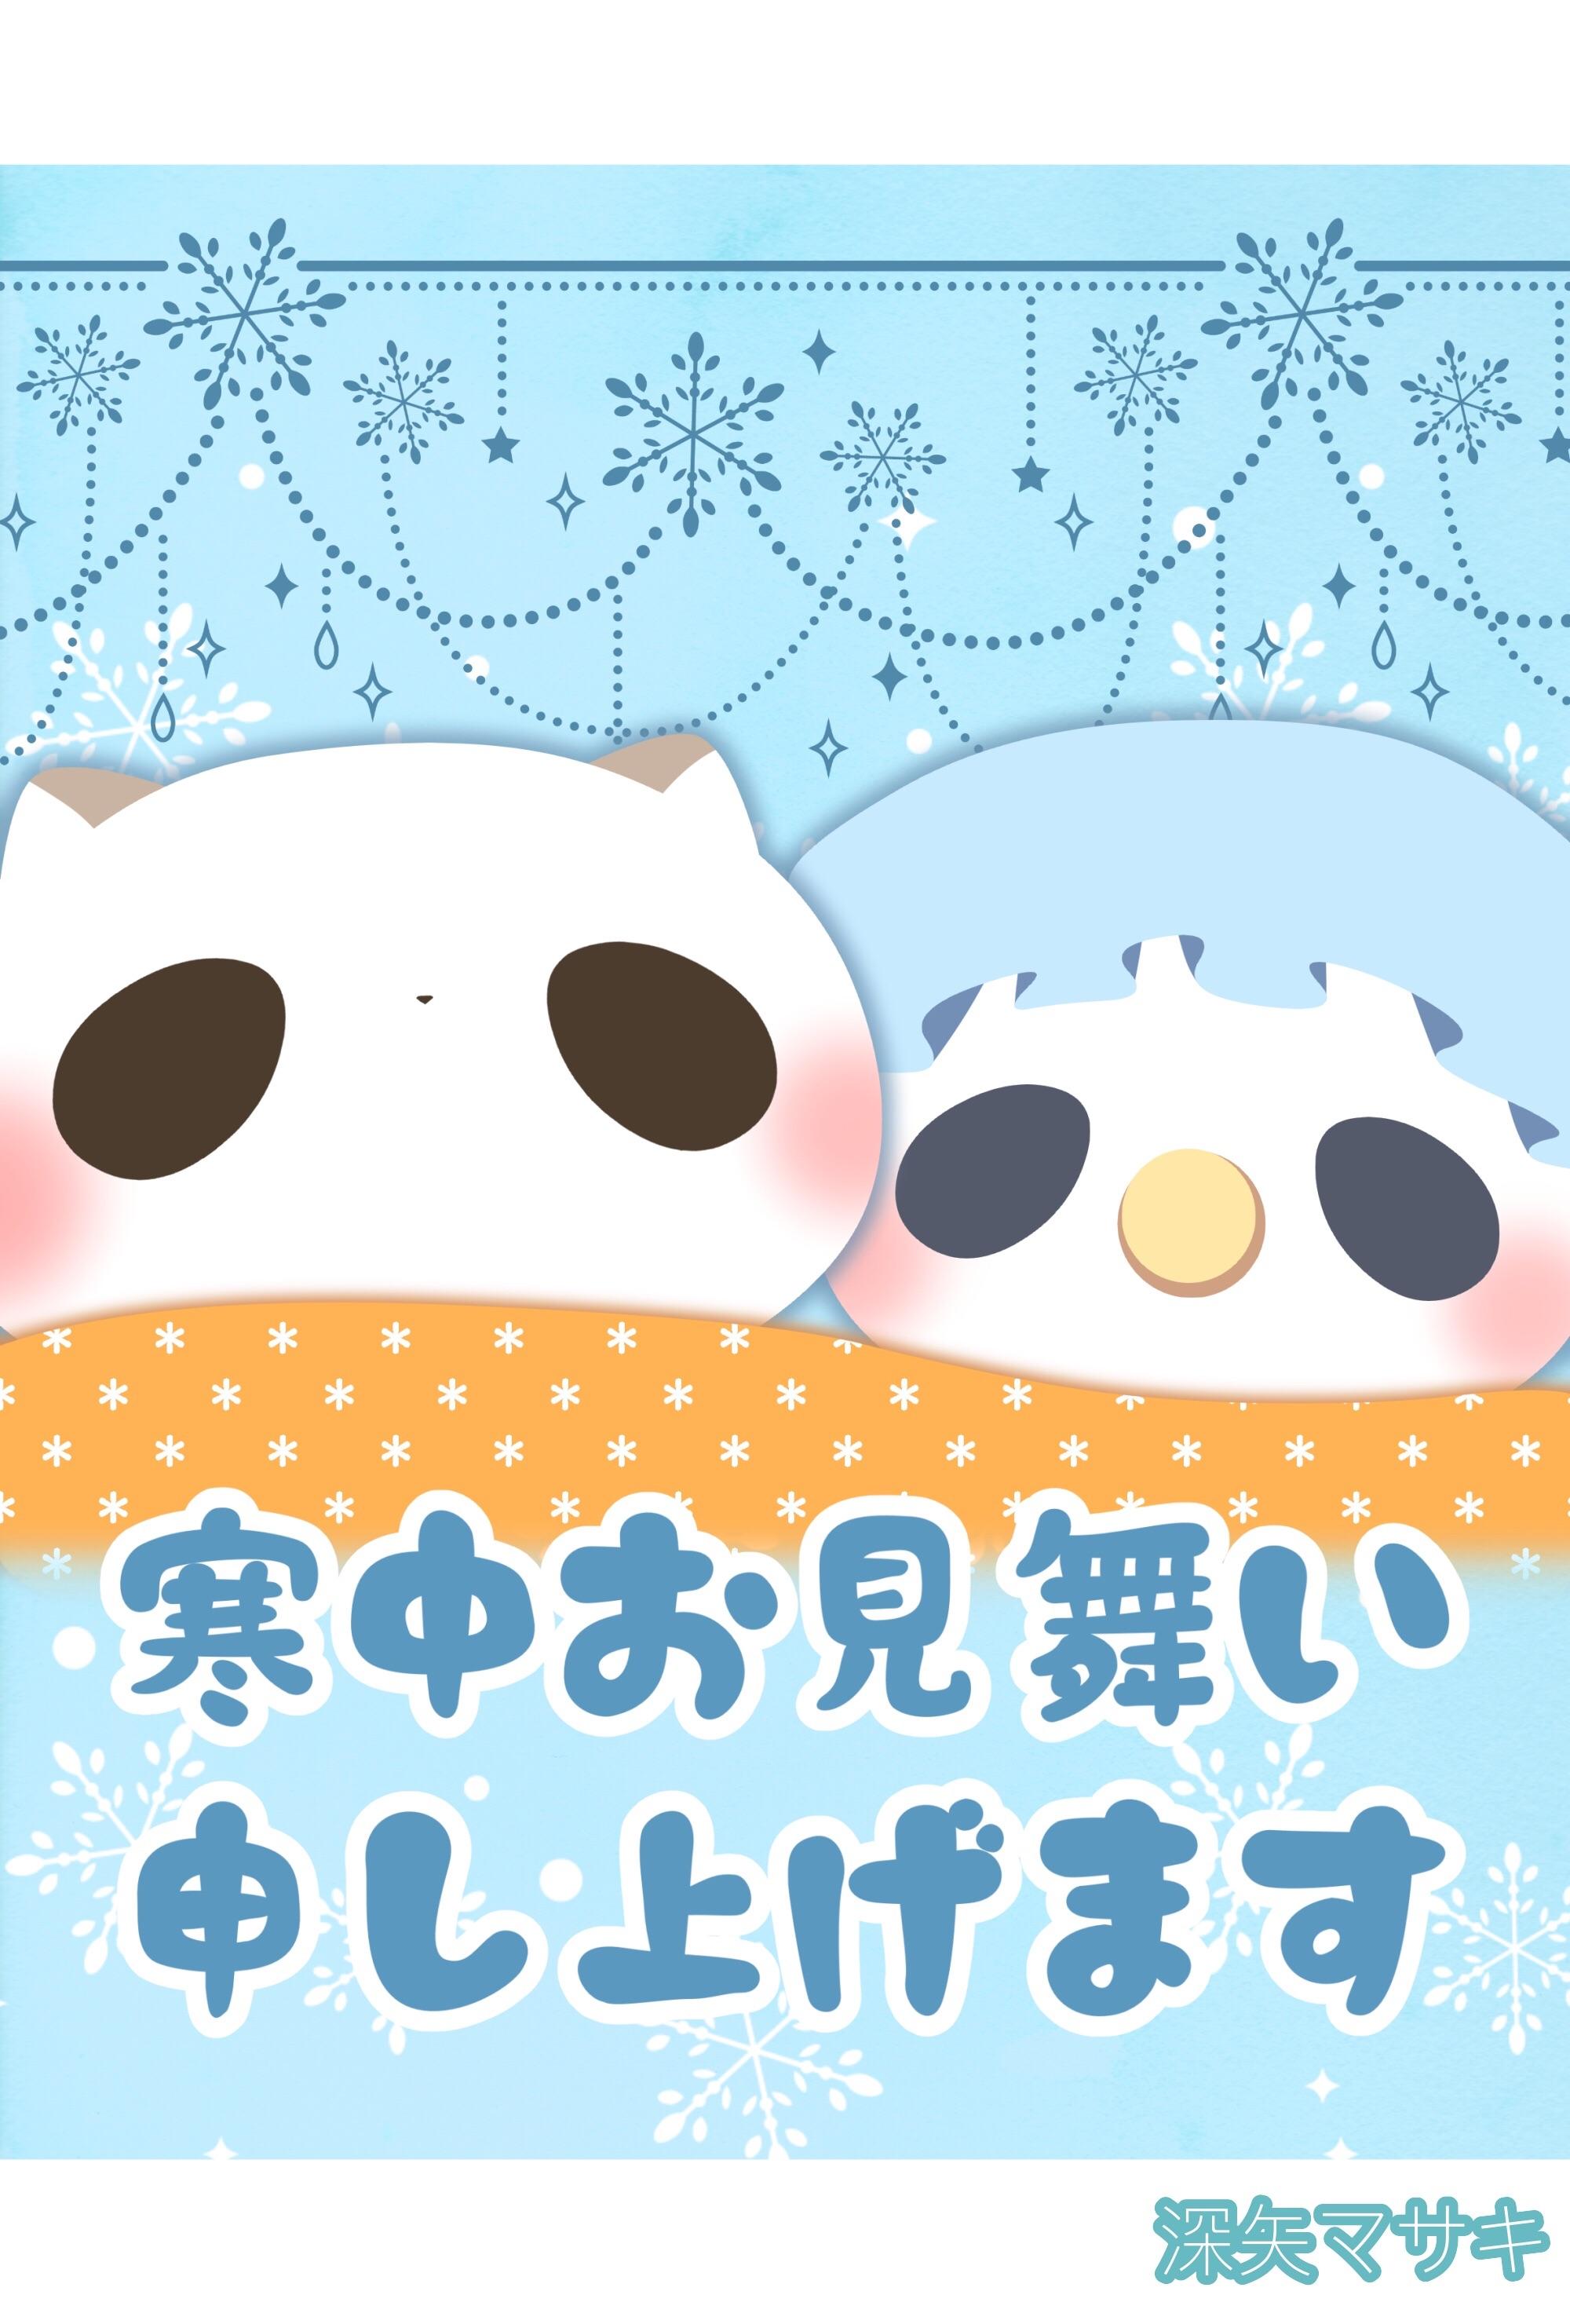 f:id:miyamasaki:20180111033304j:image